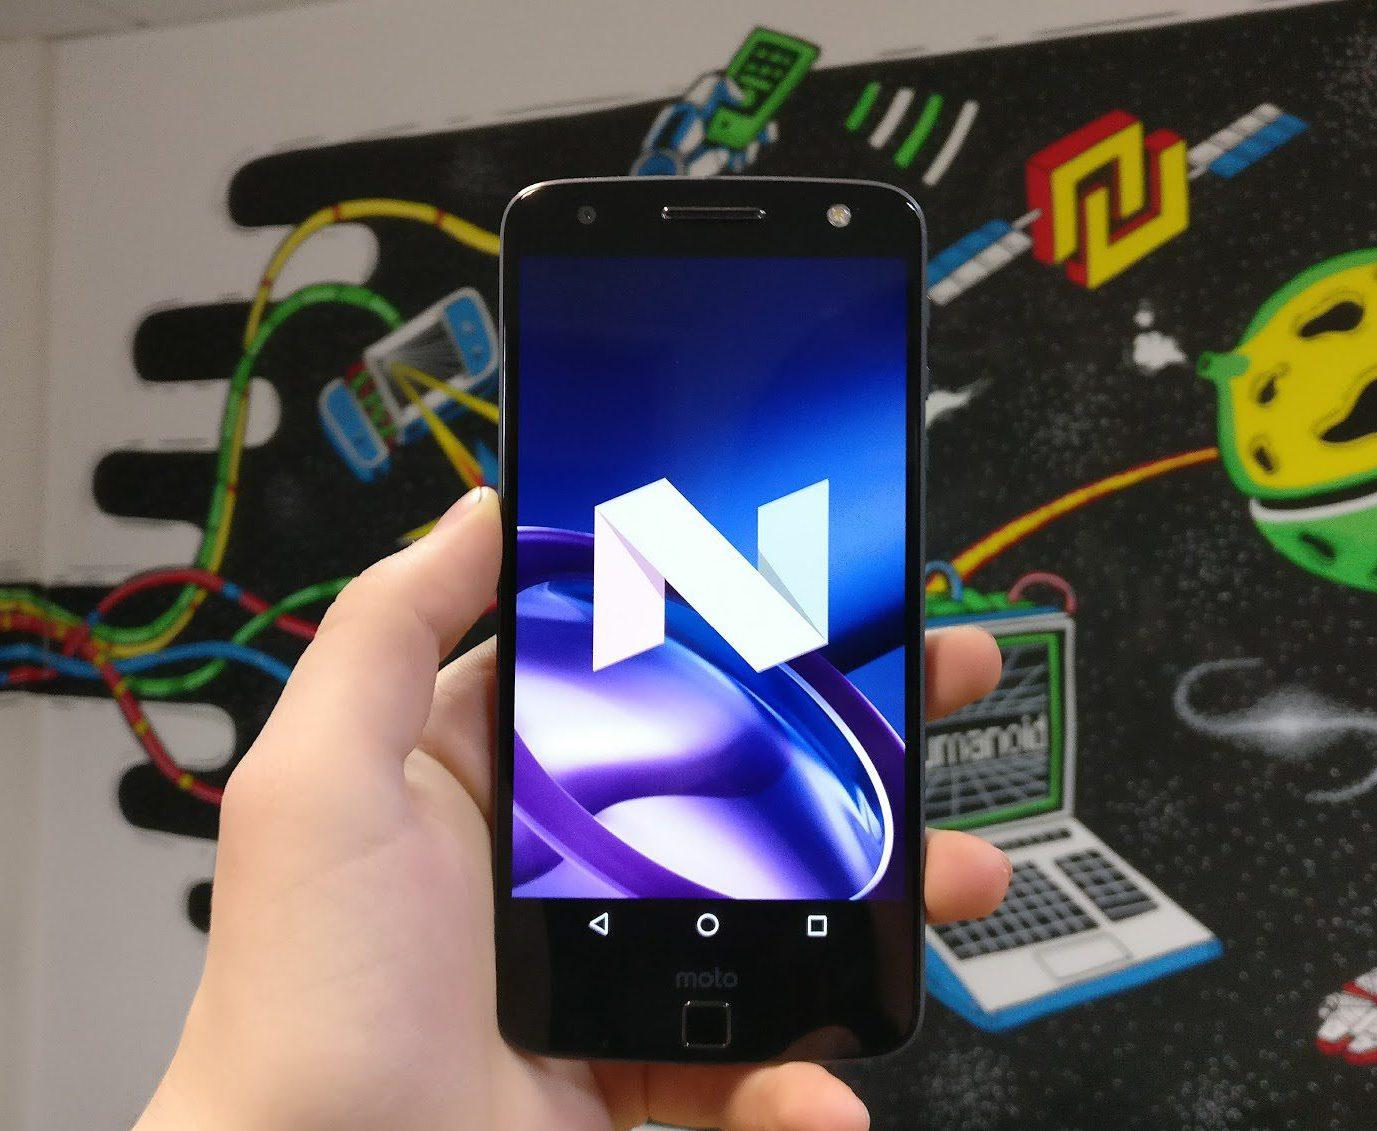 Nougat est disponible sur le Moto Z, quelles sont les nouveautés ?